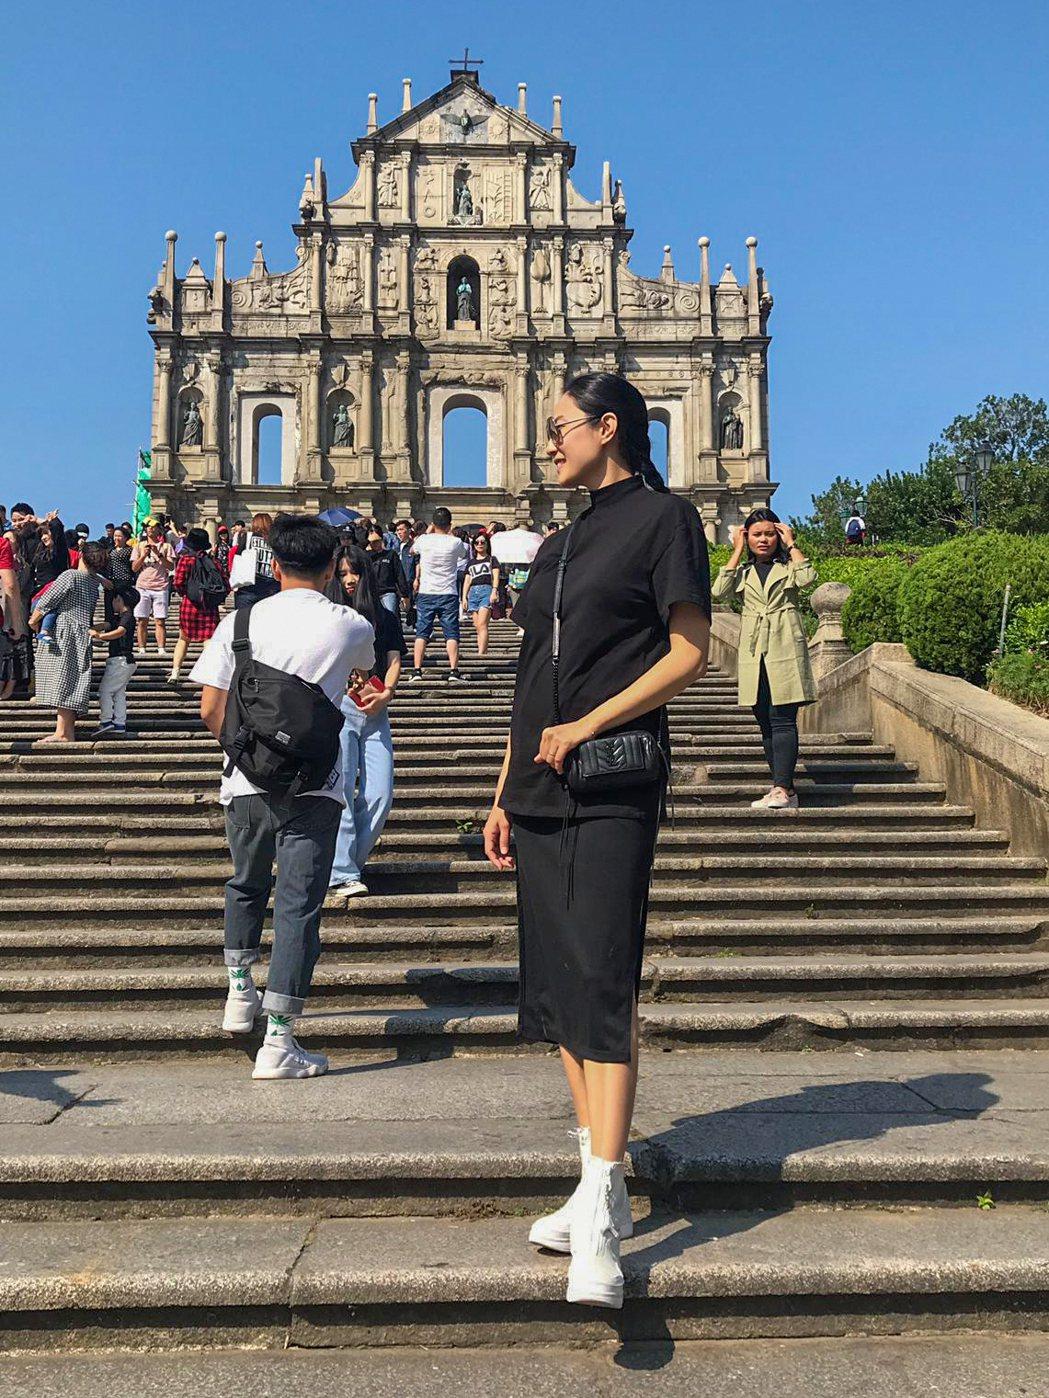 邱馨慧與家人至澳門歡度周末,於大三巴牌坊前示範孕婦藏肚顯瘦pose。圖/凱渥提供